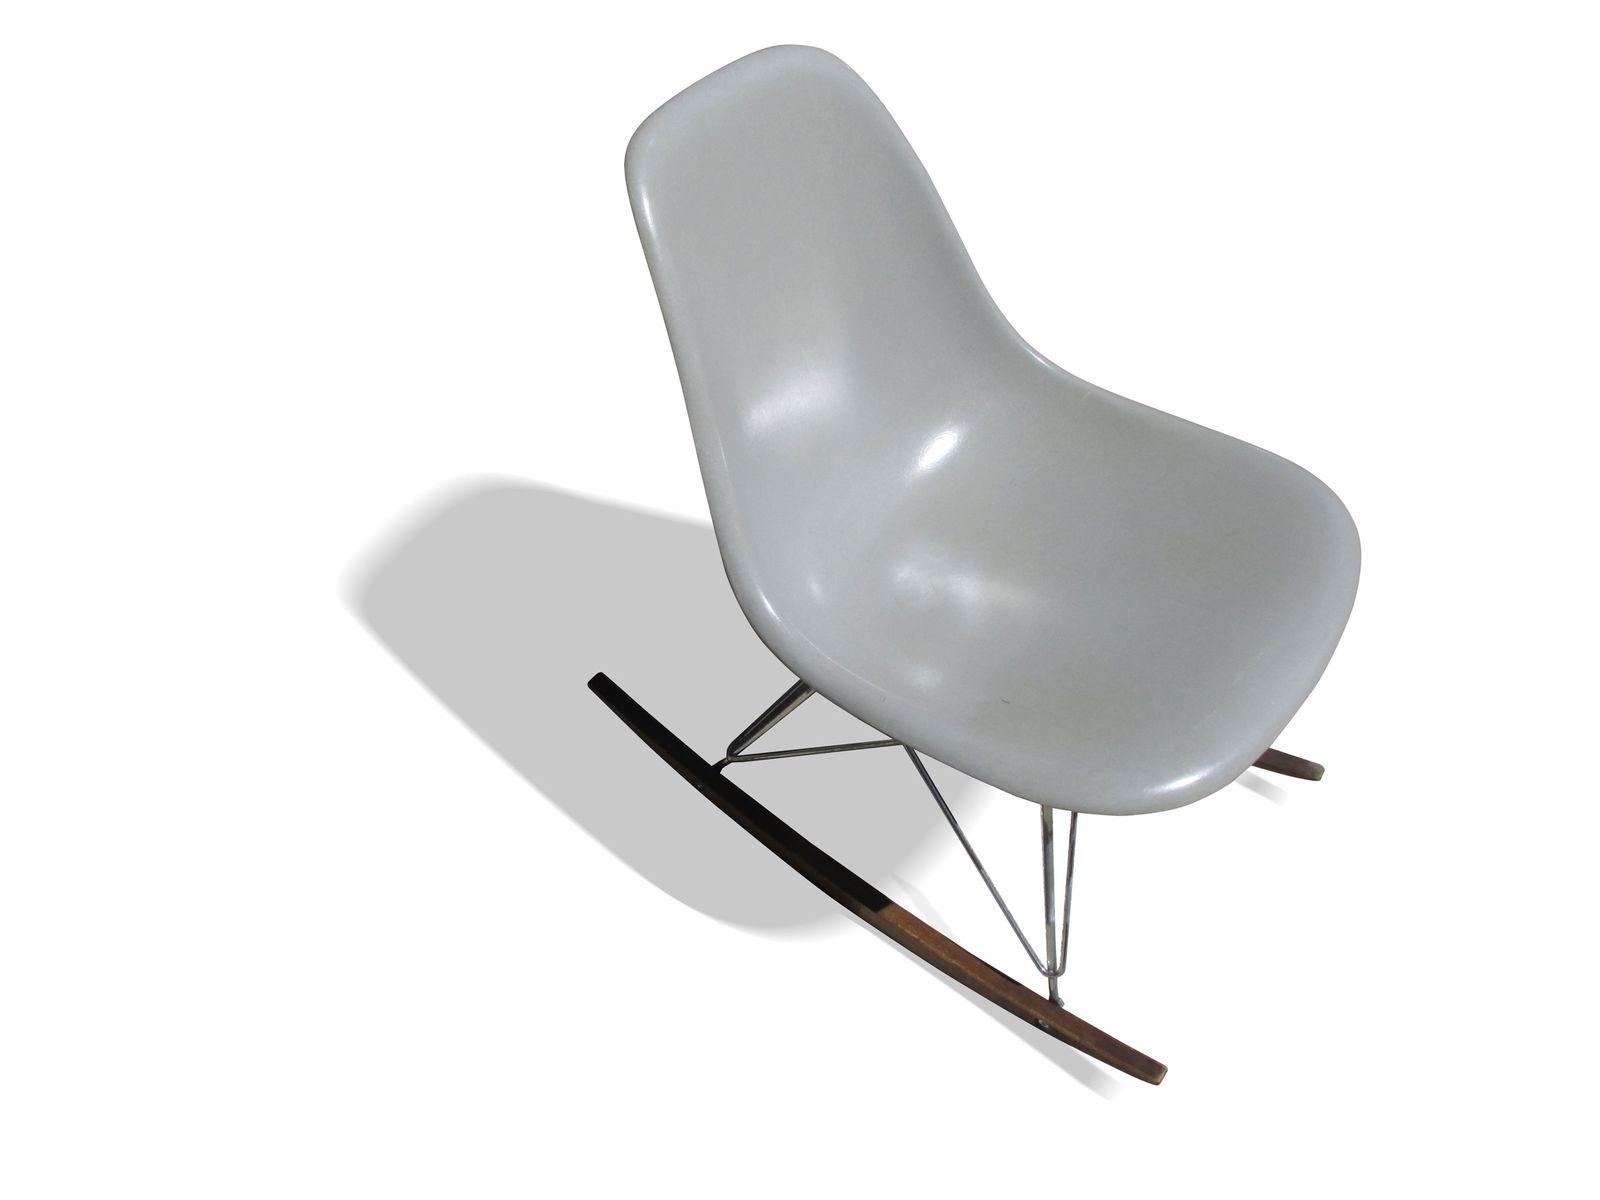 grauer schaukelstuhl von charles ray eames f r herman miller 1960er bei pamono kaufen. Black Bedroom Furniture Sets. Home Design Ideas